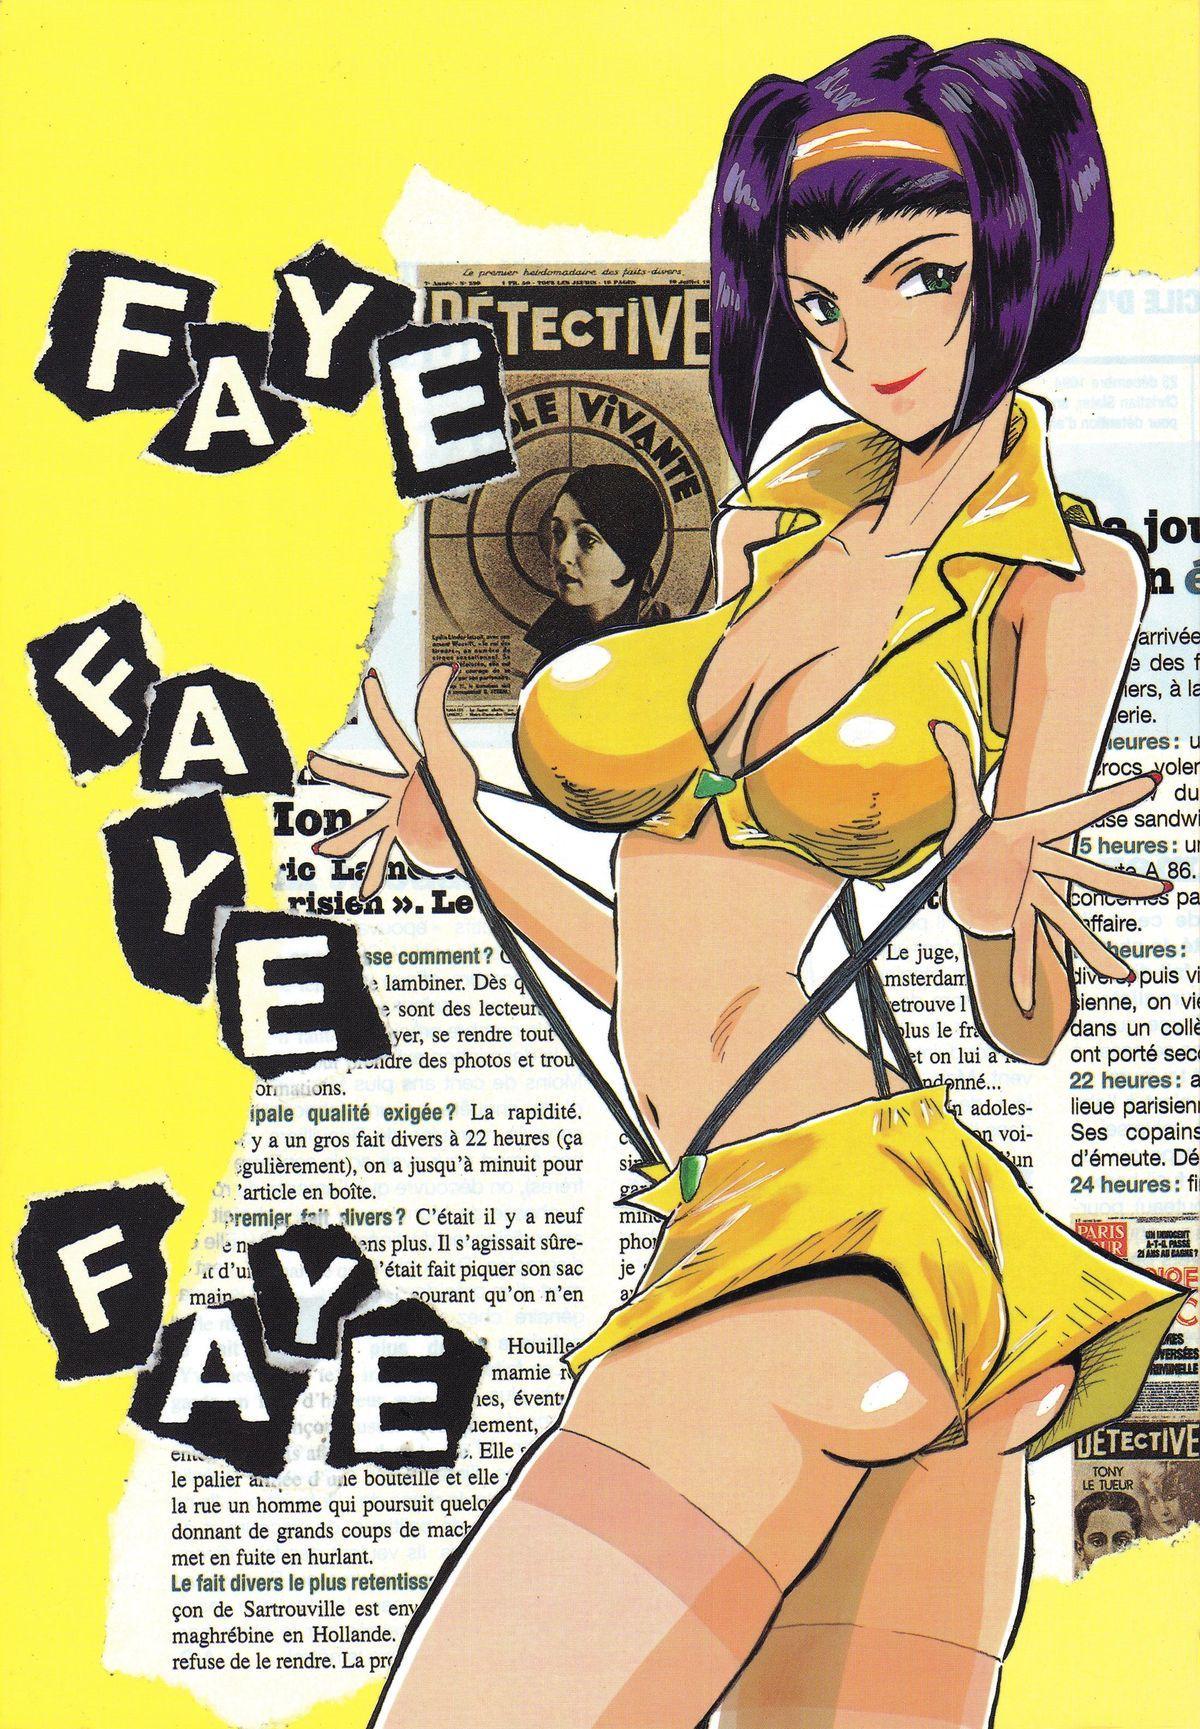 FAYE FAYE FAYE 0